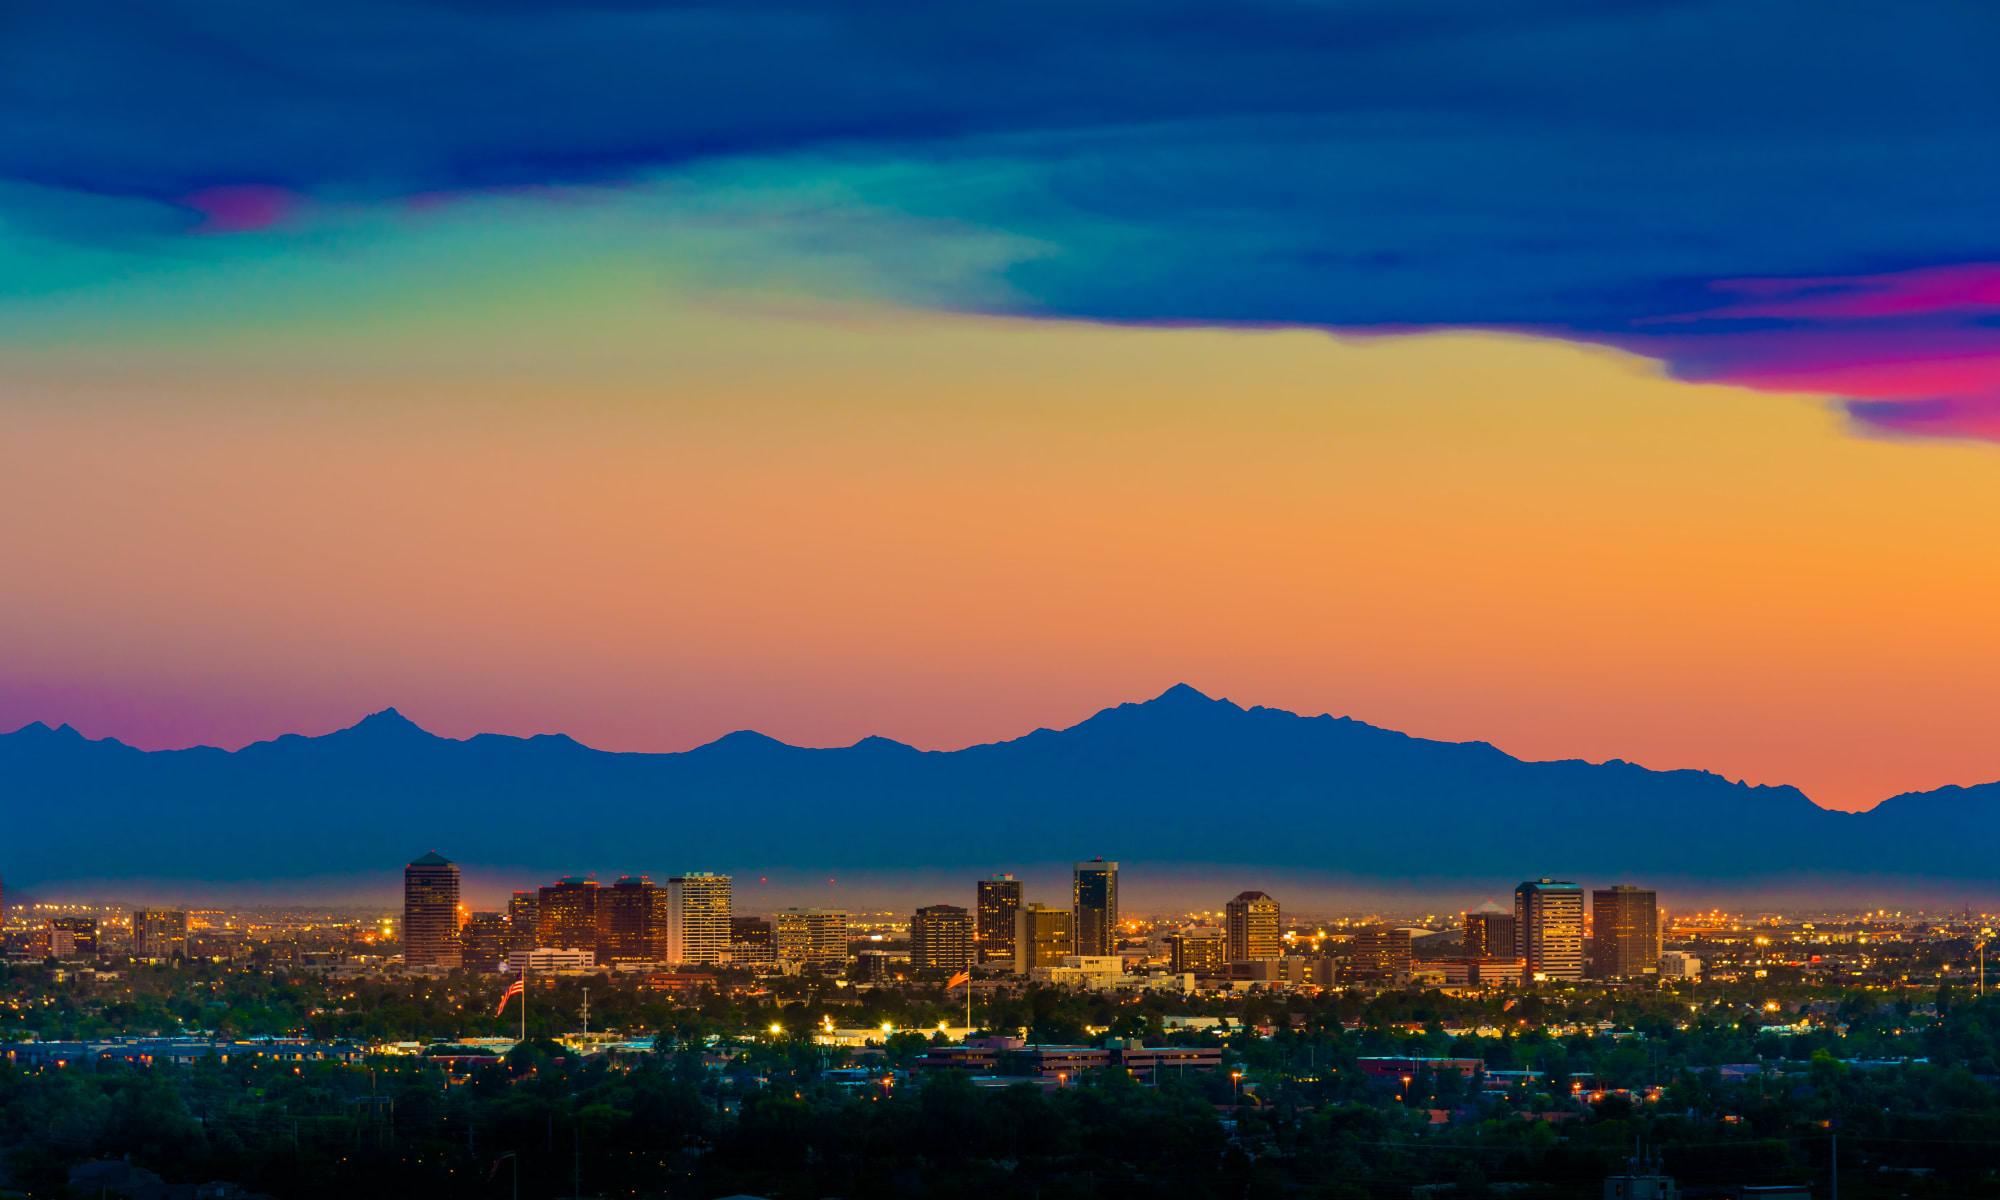 Apartments in Albuquerque, NM